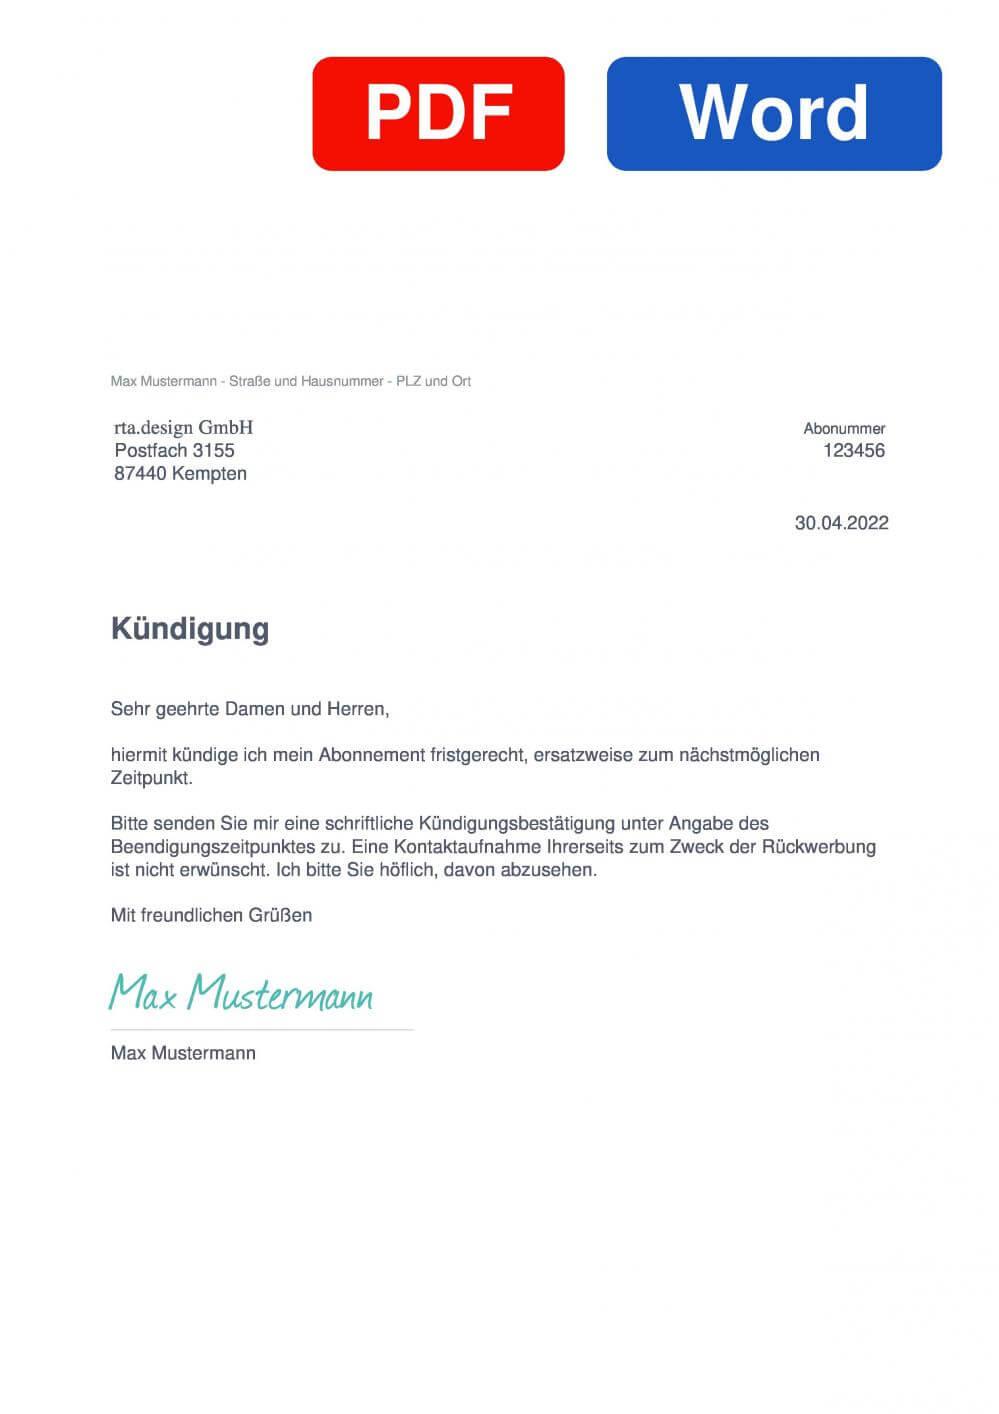 Allgäuer Zeitung Muster Vorlage für Kündigungsschreiben